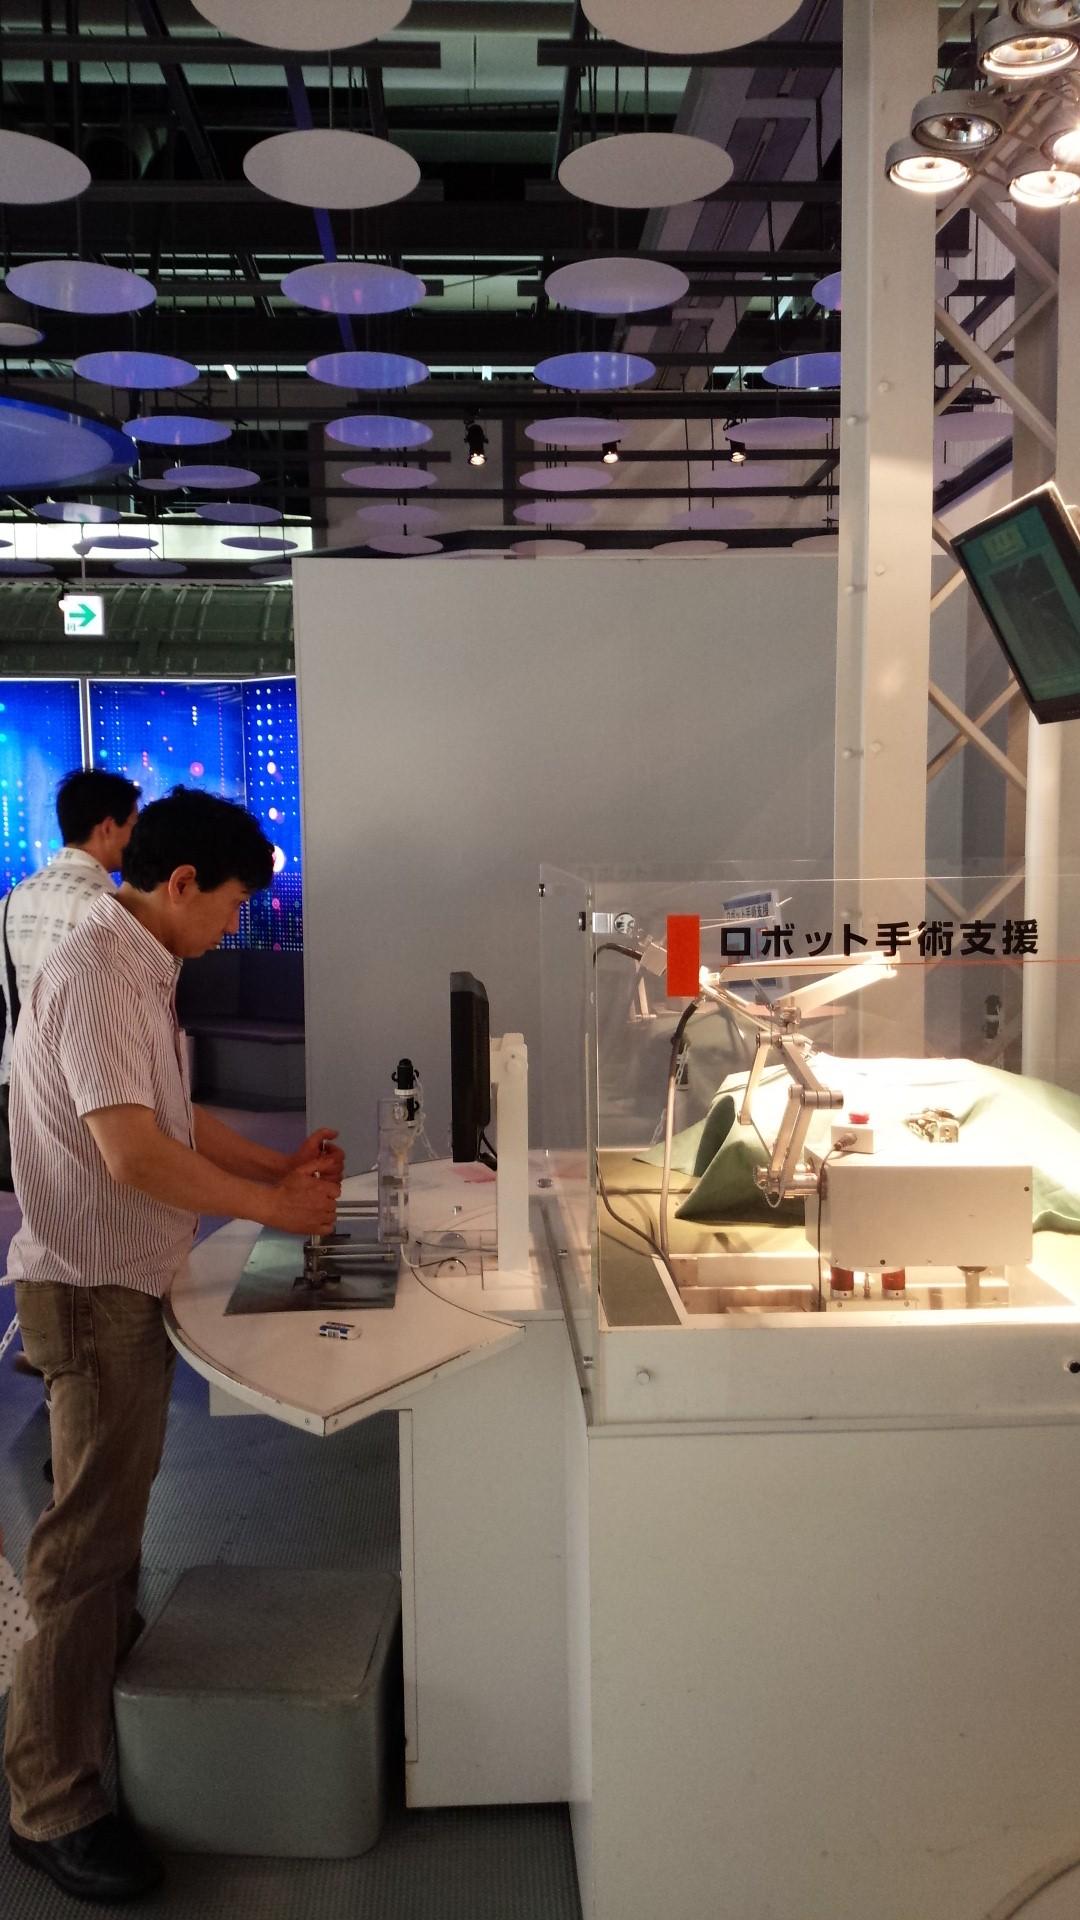 2014-8-3 日本科学未来館